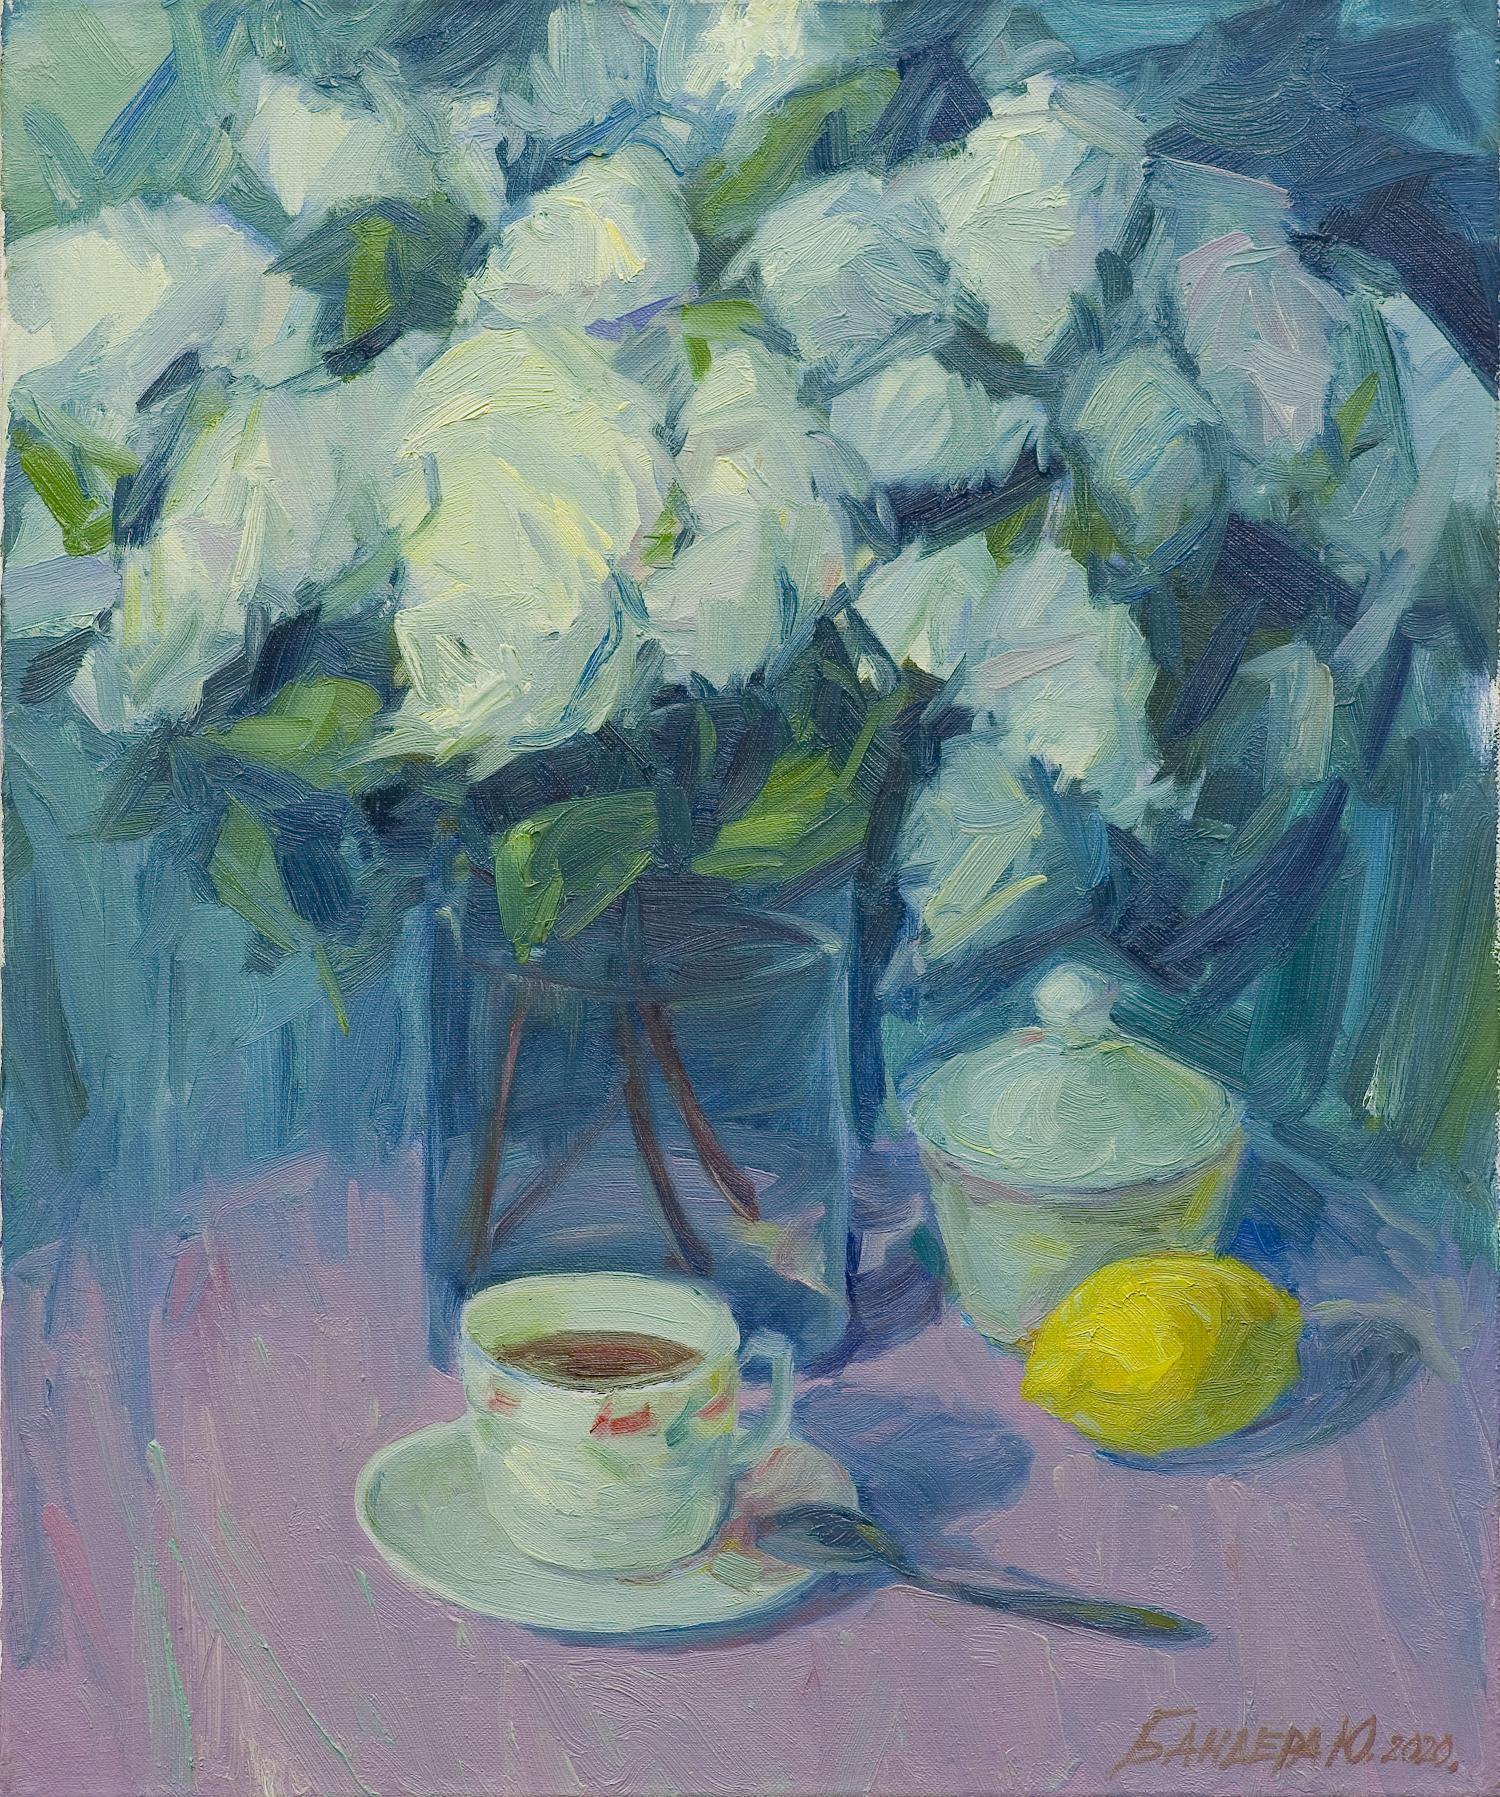 Herbata z cytryną, 2020